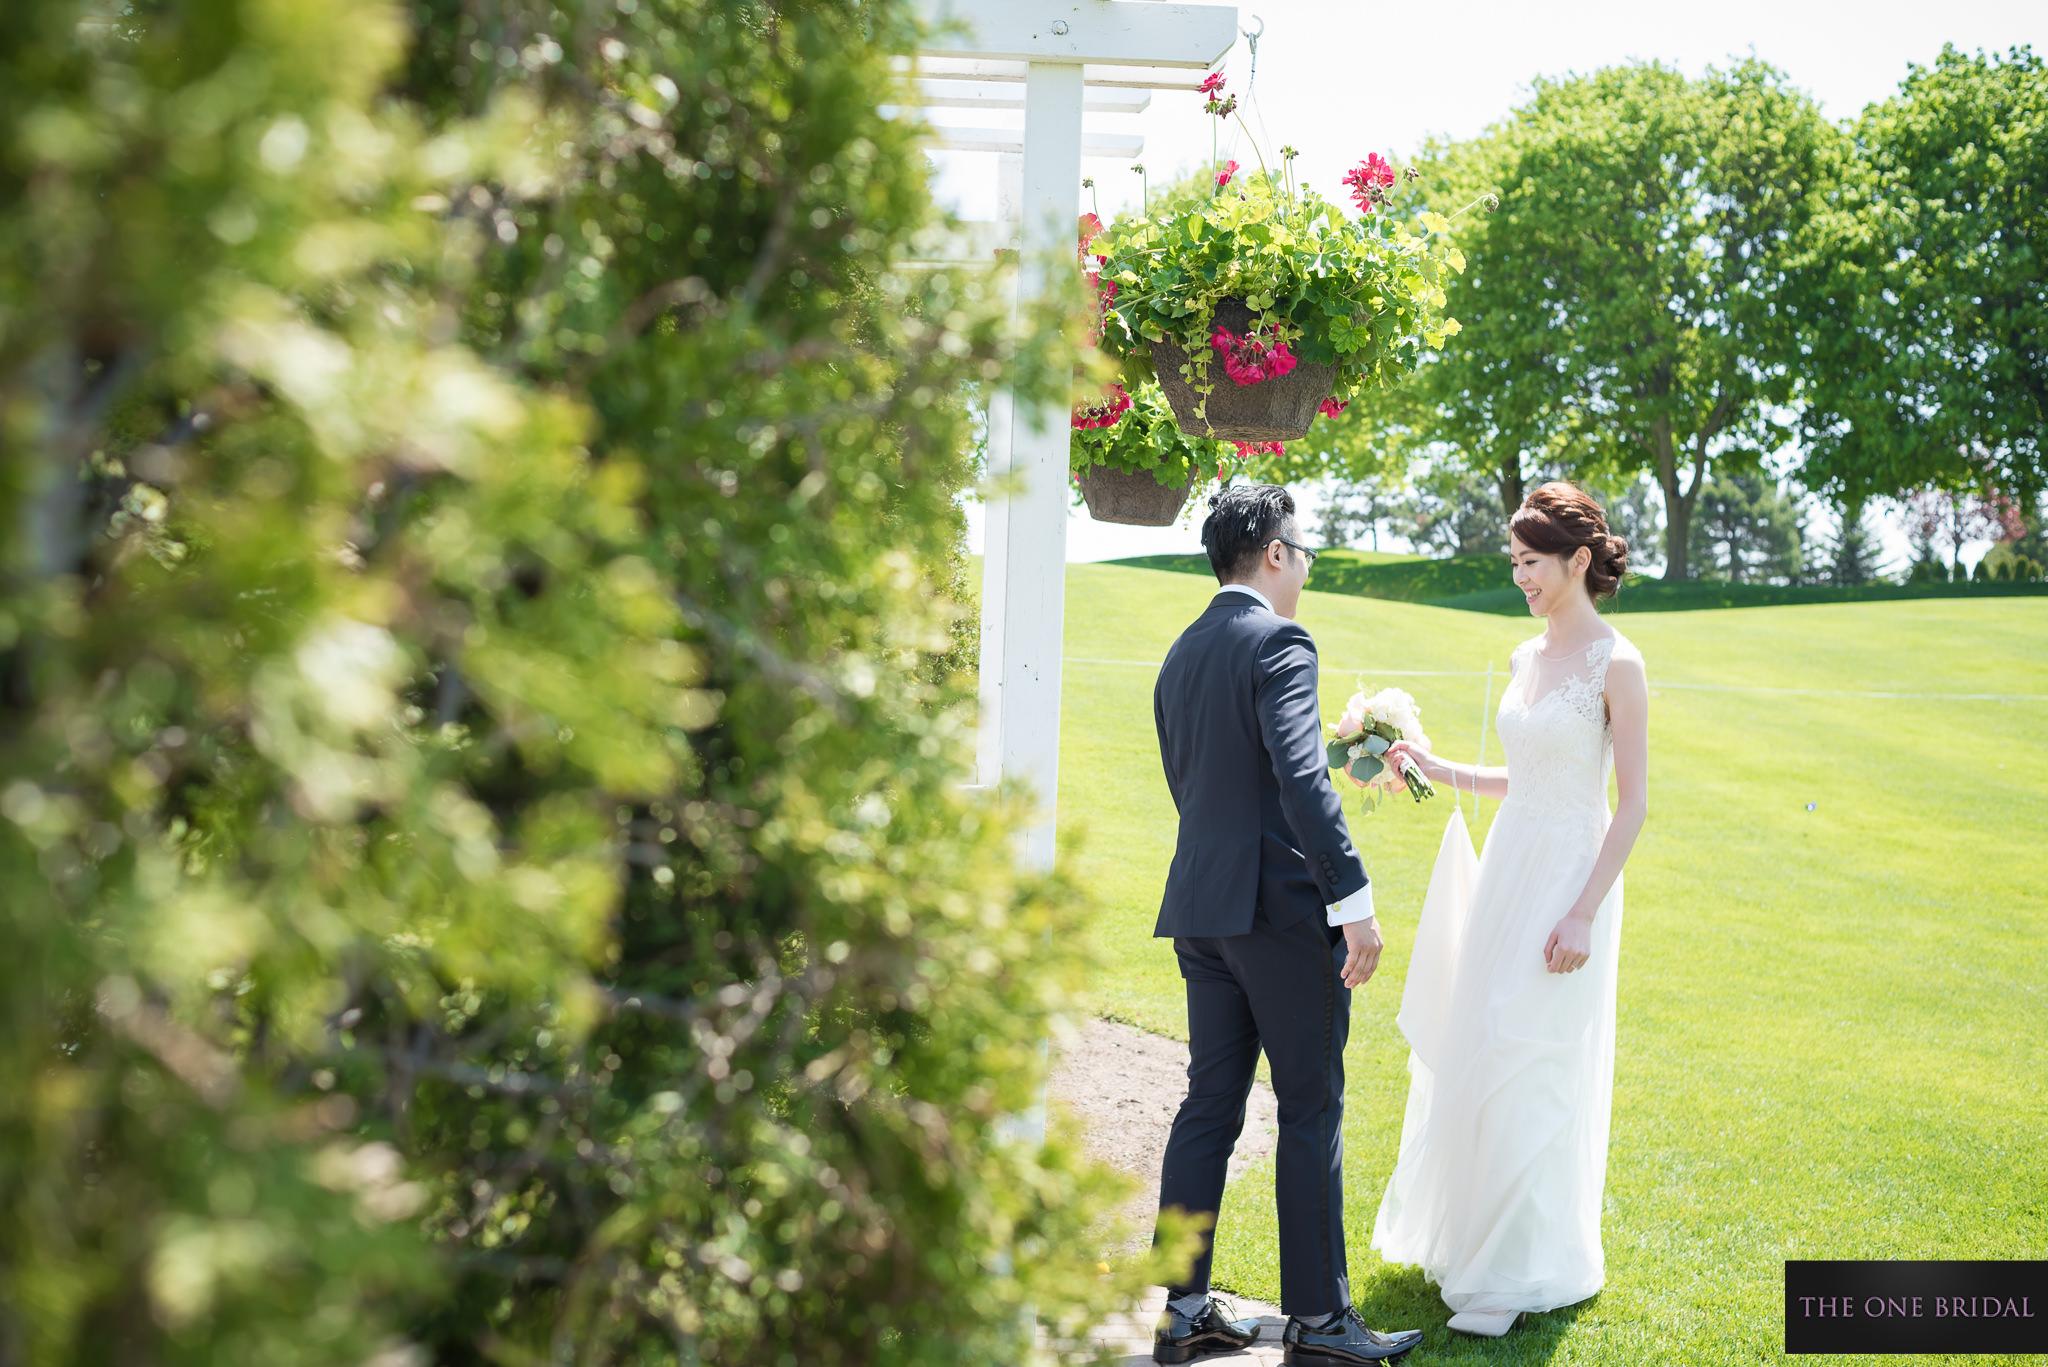 mandarin-golf-club-wedding-markham-the-one-bridal-086